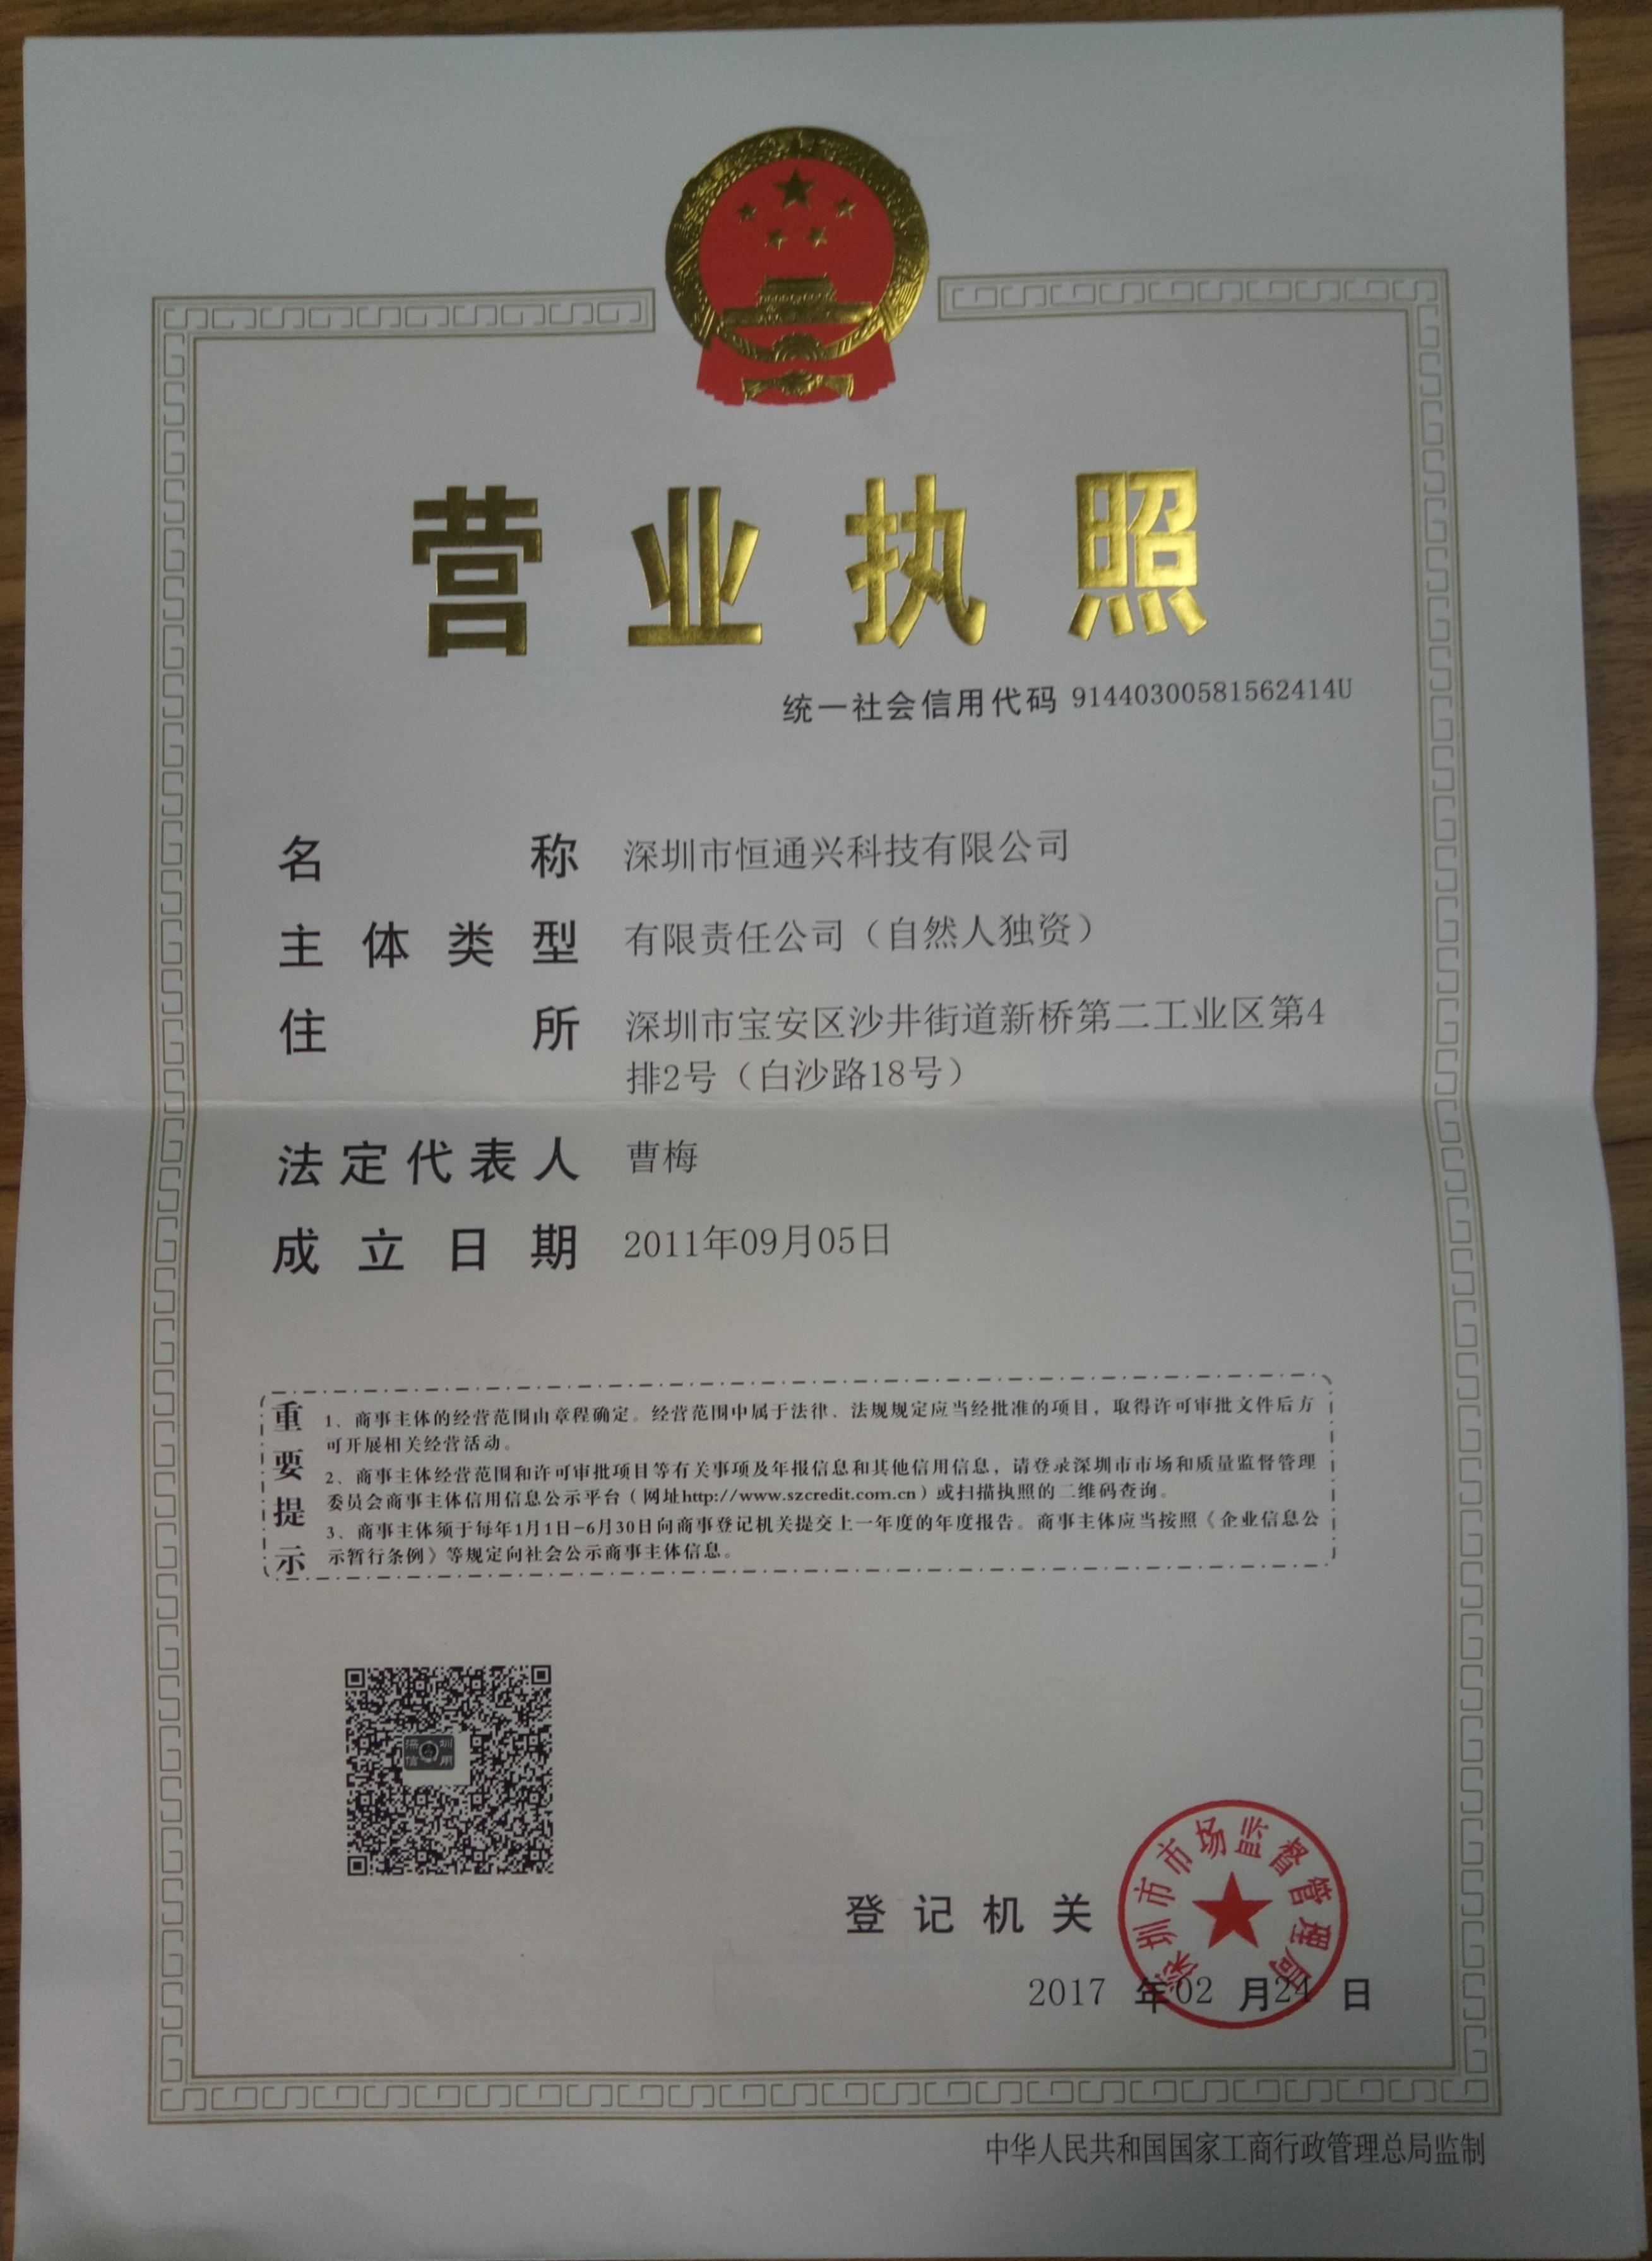 小五金配件_恒通兴企业法人营业执照|荣誉资质|深圳市恒通兴模具配件厂家